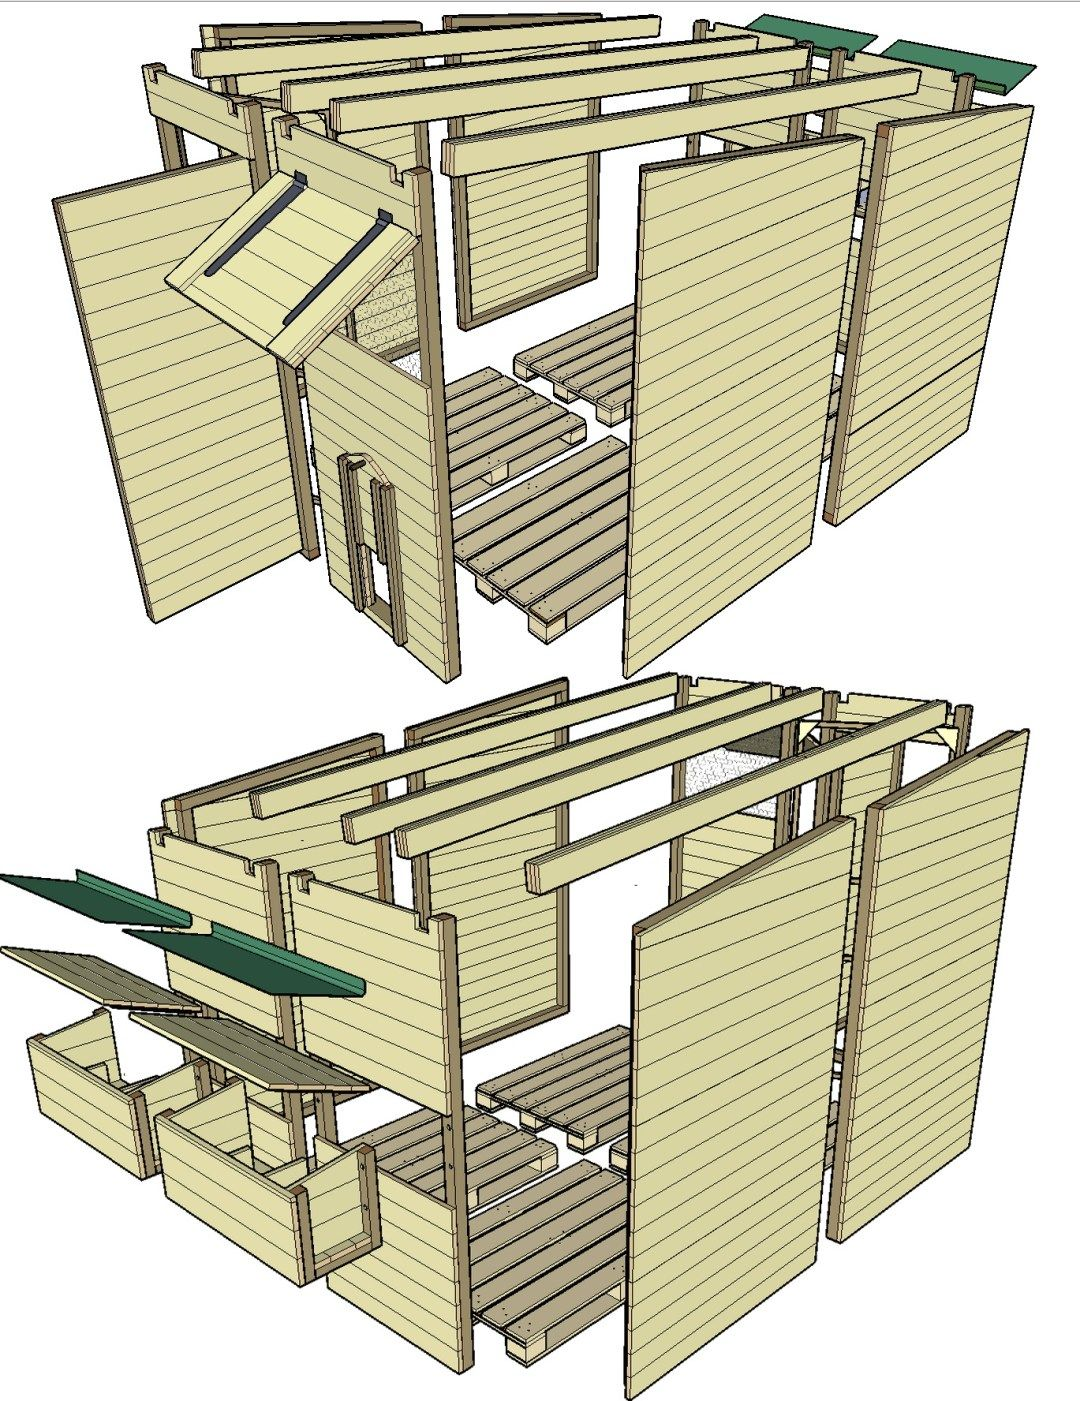 Construction D Un Poulailler En Palettes Modulable Plan Poulailler Palette Construction D Un Poulailler Plan Poulailler